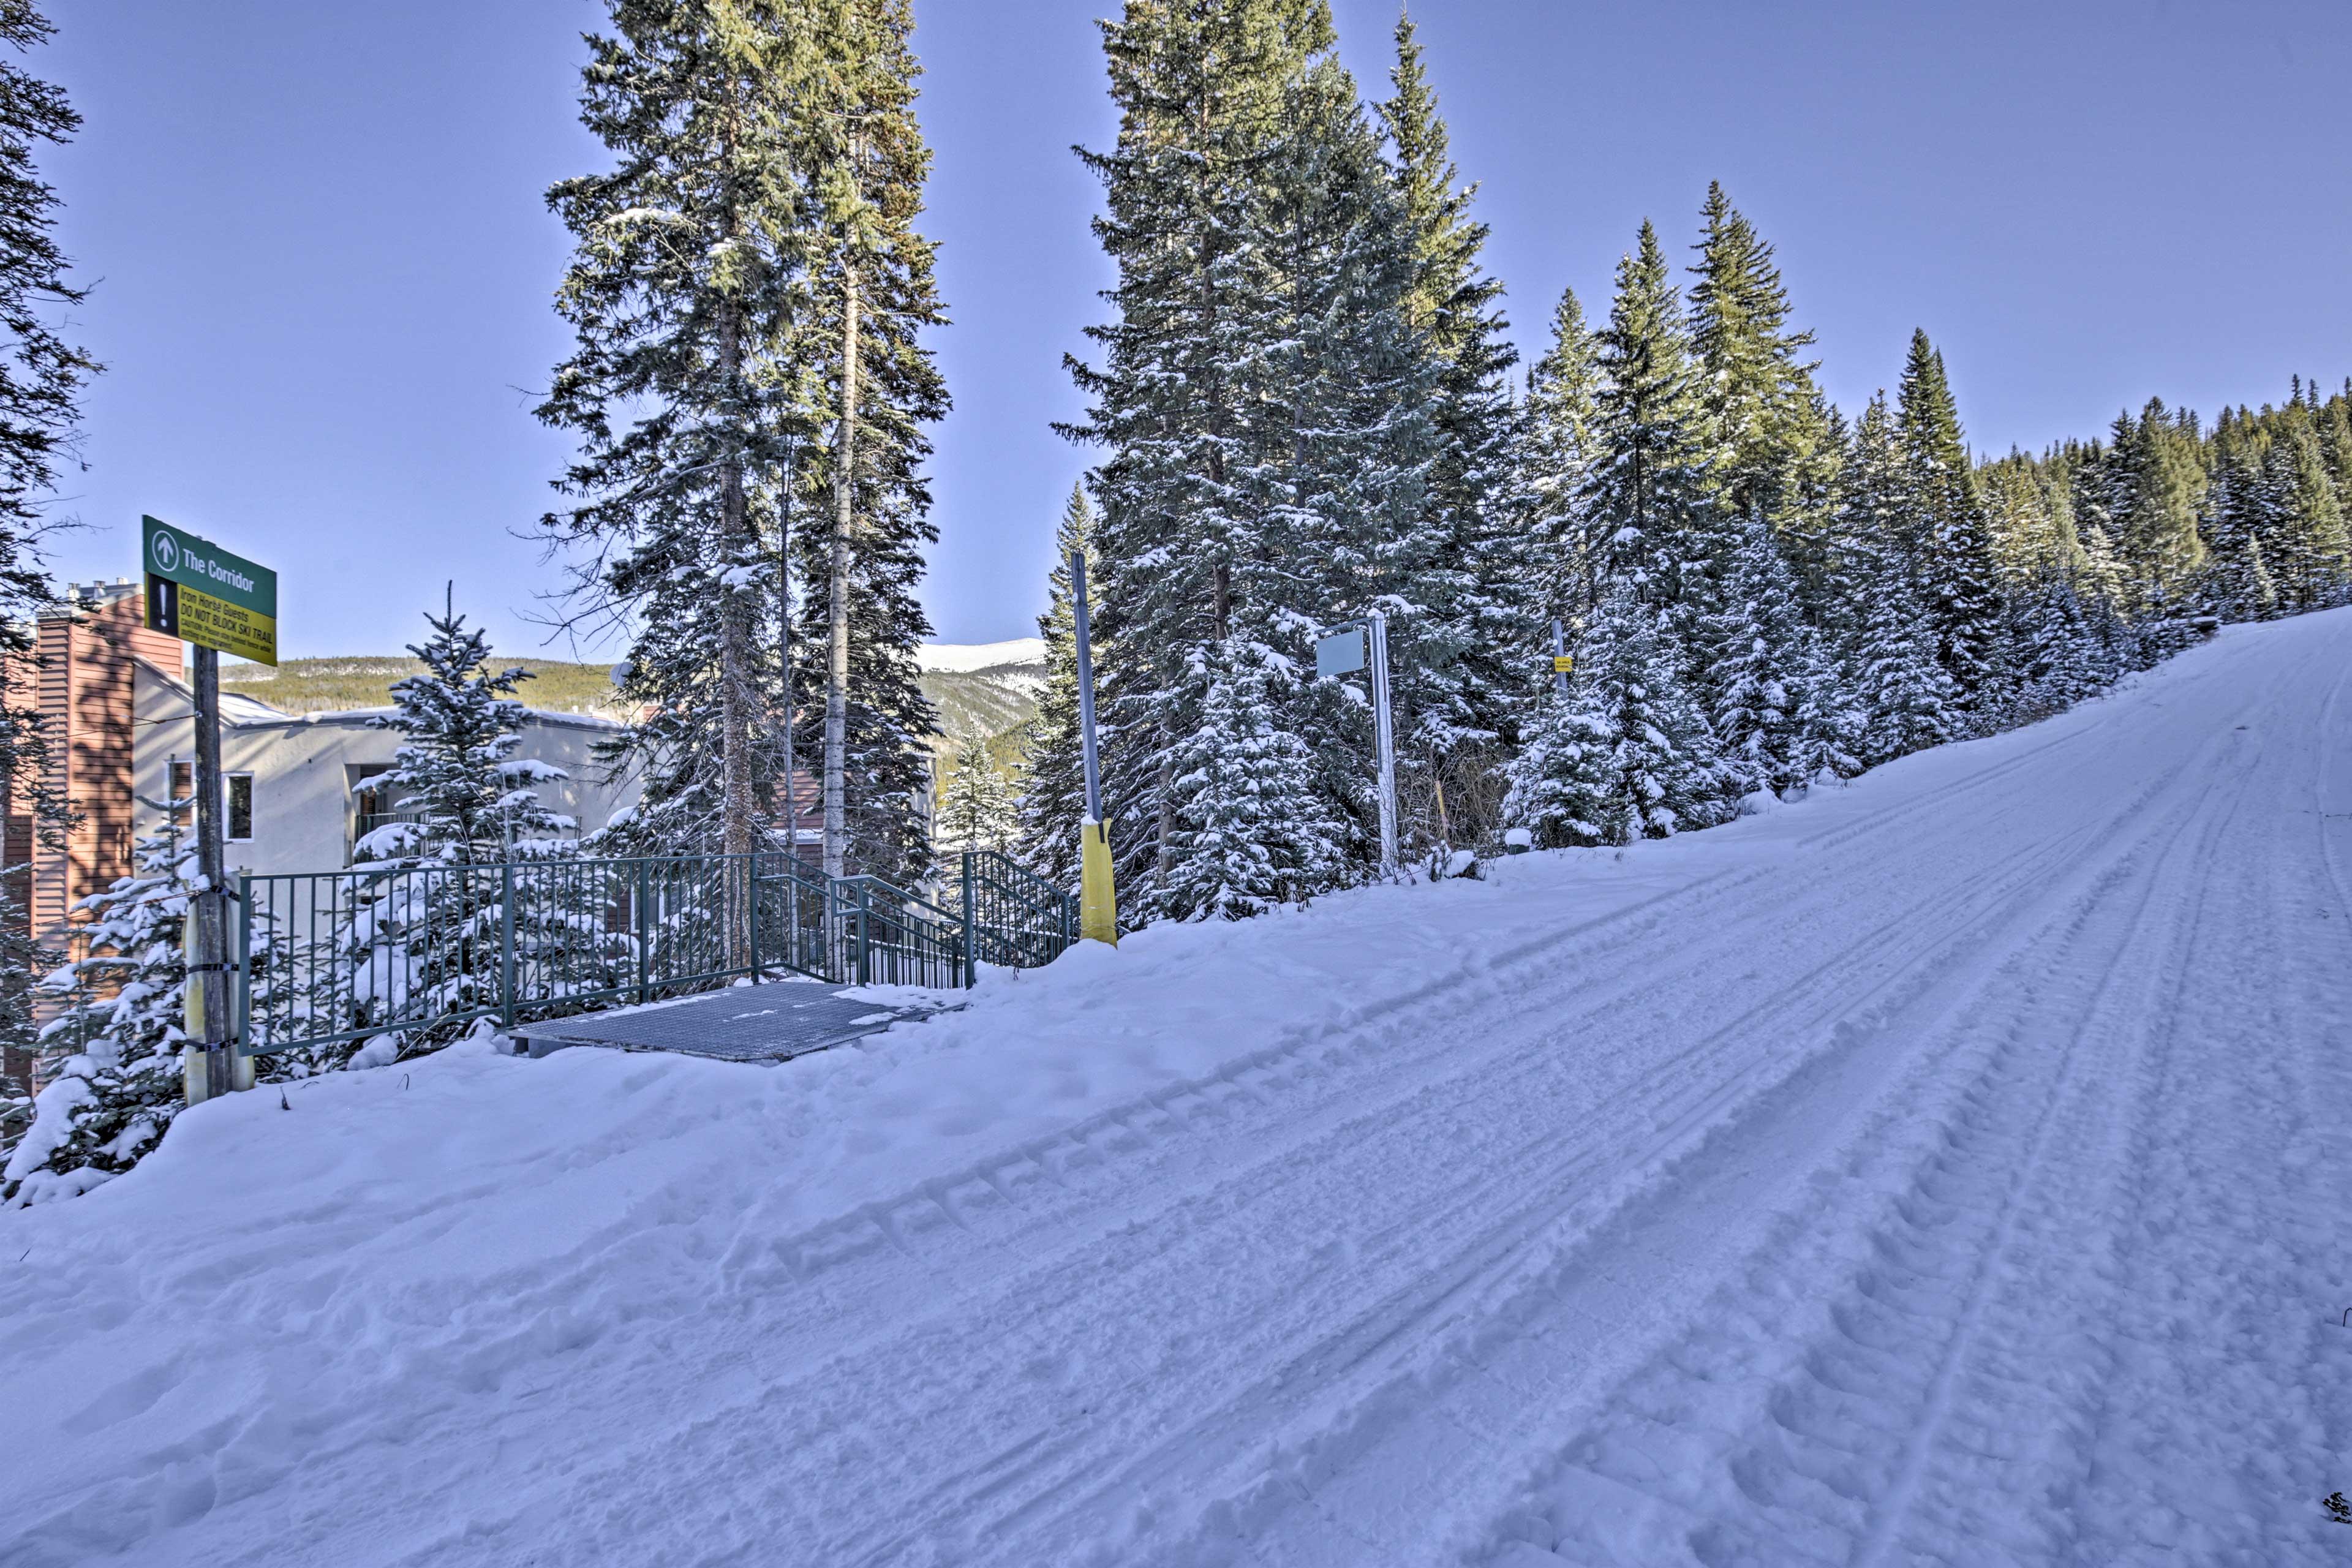 Condo Exterior   Ski-In/Ski-Out Access